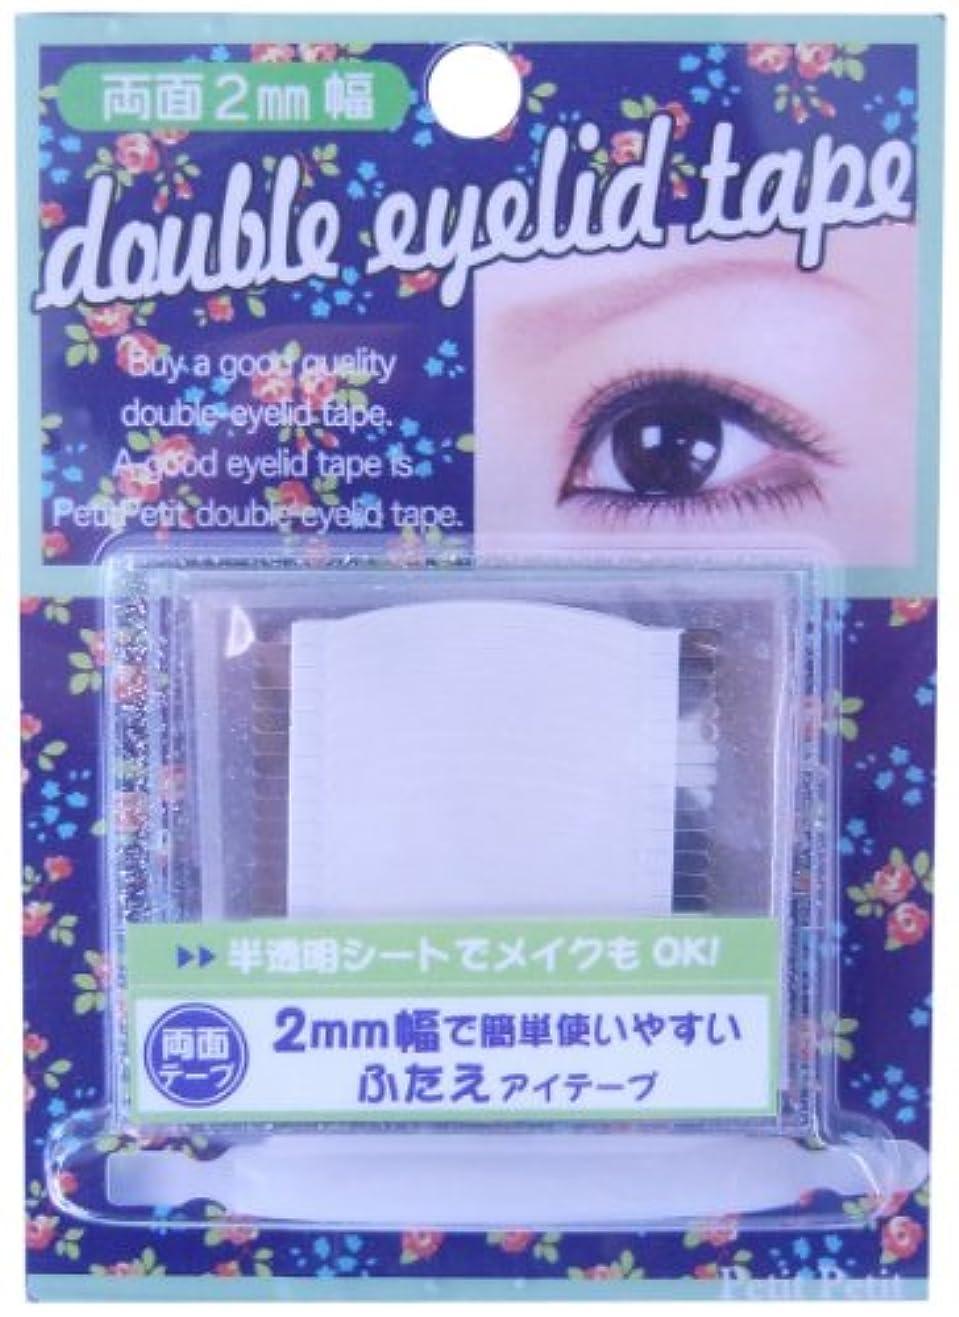 ペチュランスアカウント窒素Petit Petit ダブルアイリッドテープ両面2mm幅